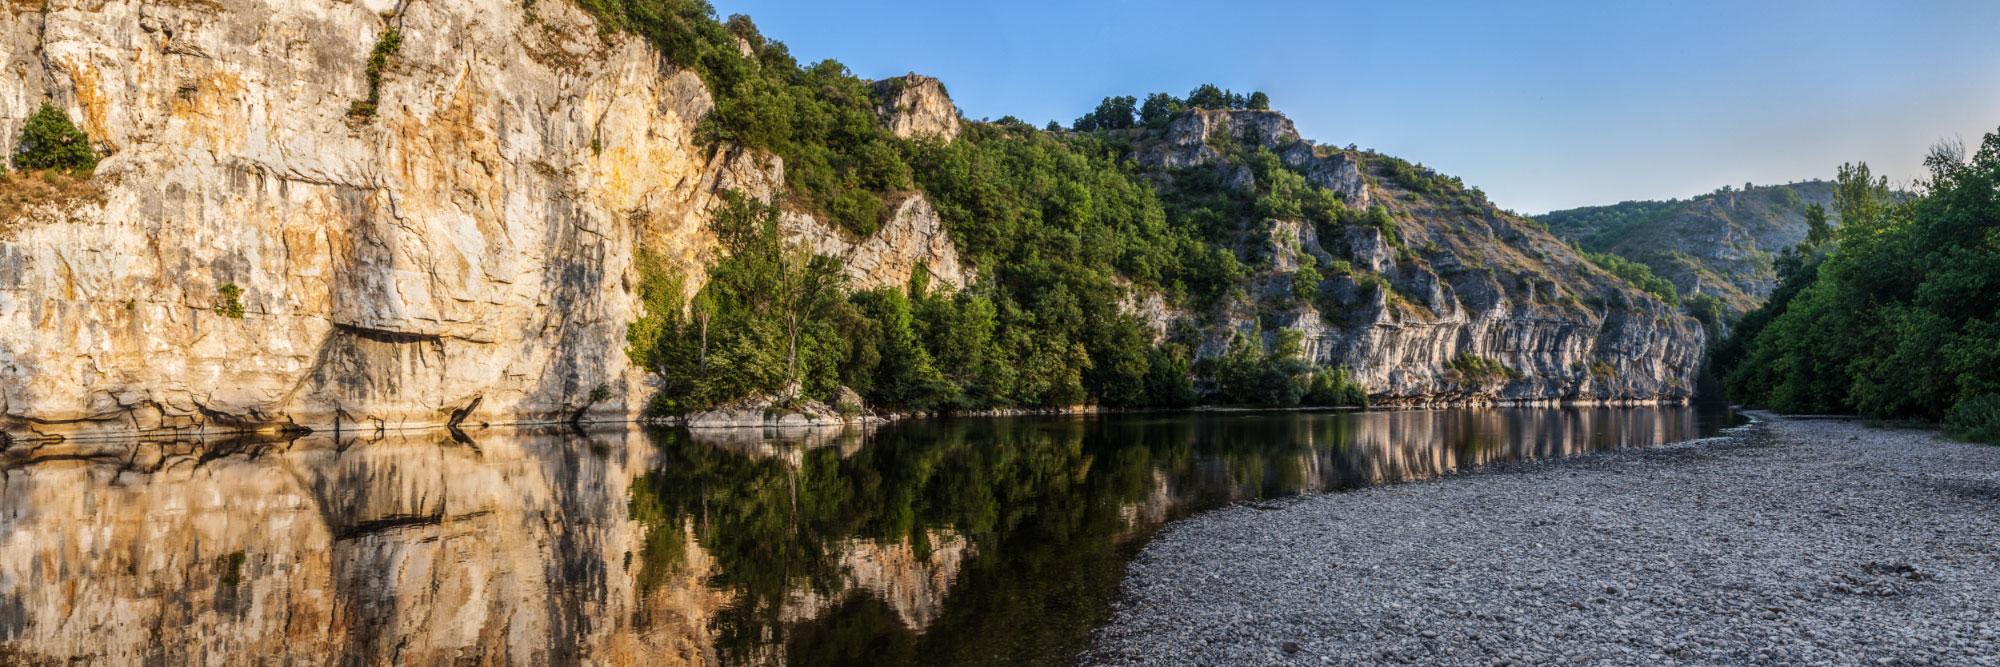 La Dordogne sous le pech de Pinsac - Photo Hervé Sentucq - www.panoram-art.com